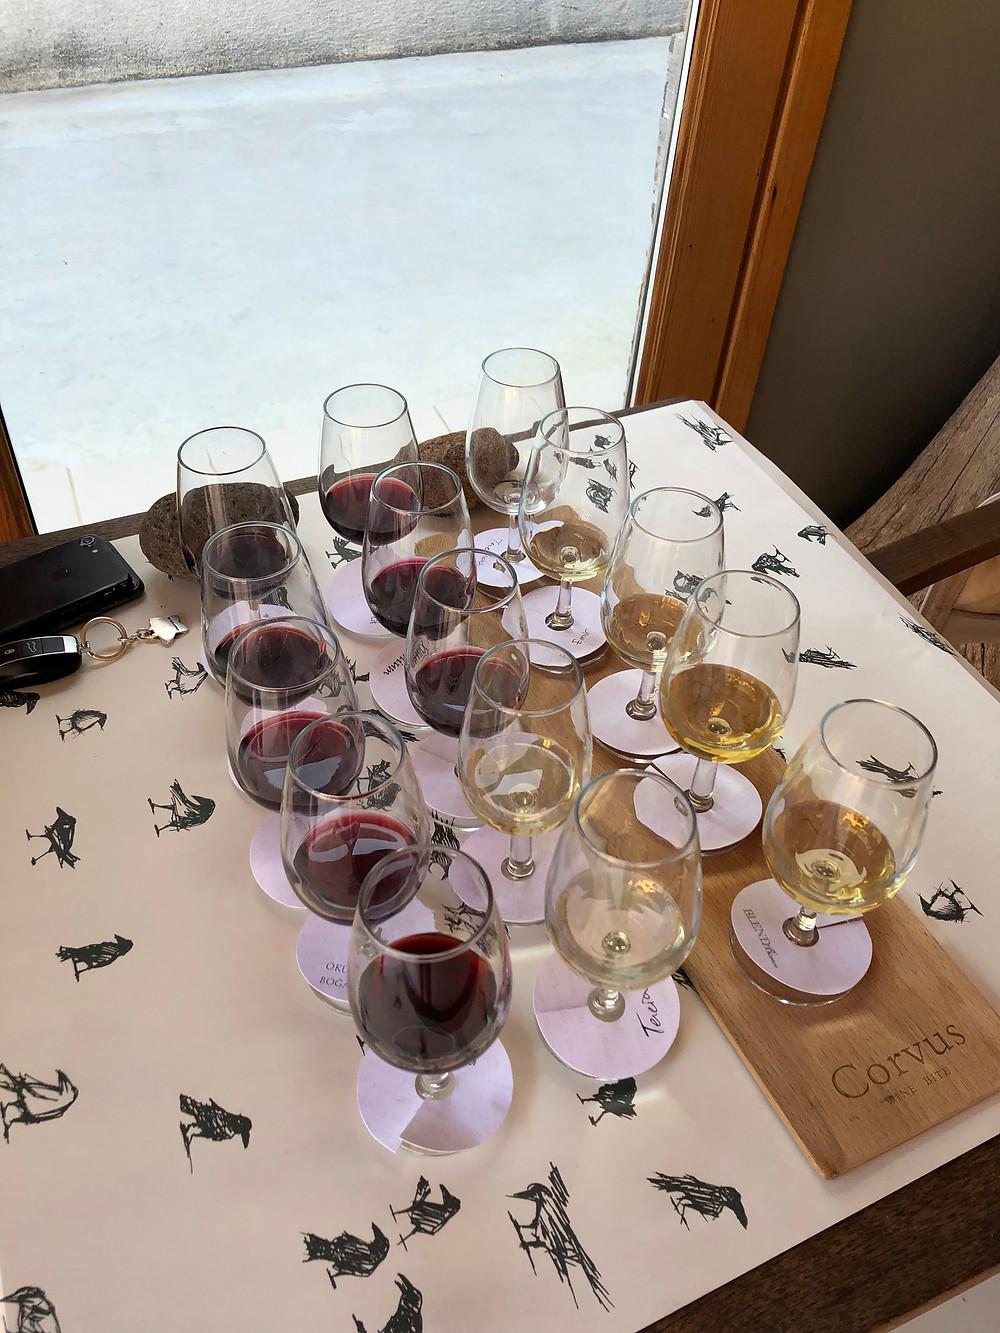 Wine tasting at Corvus winery at Wine & Bite Corvus wine bar on Bozcaada island Turkey